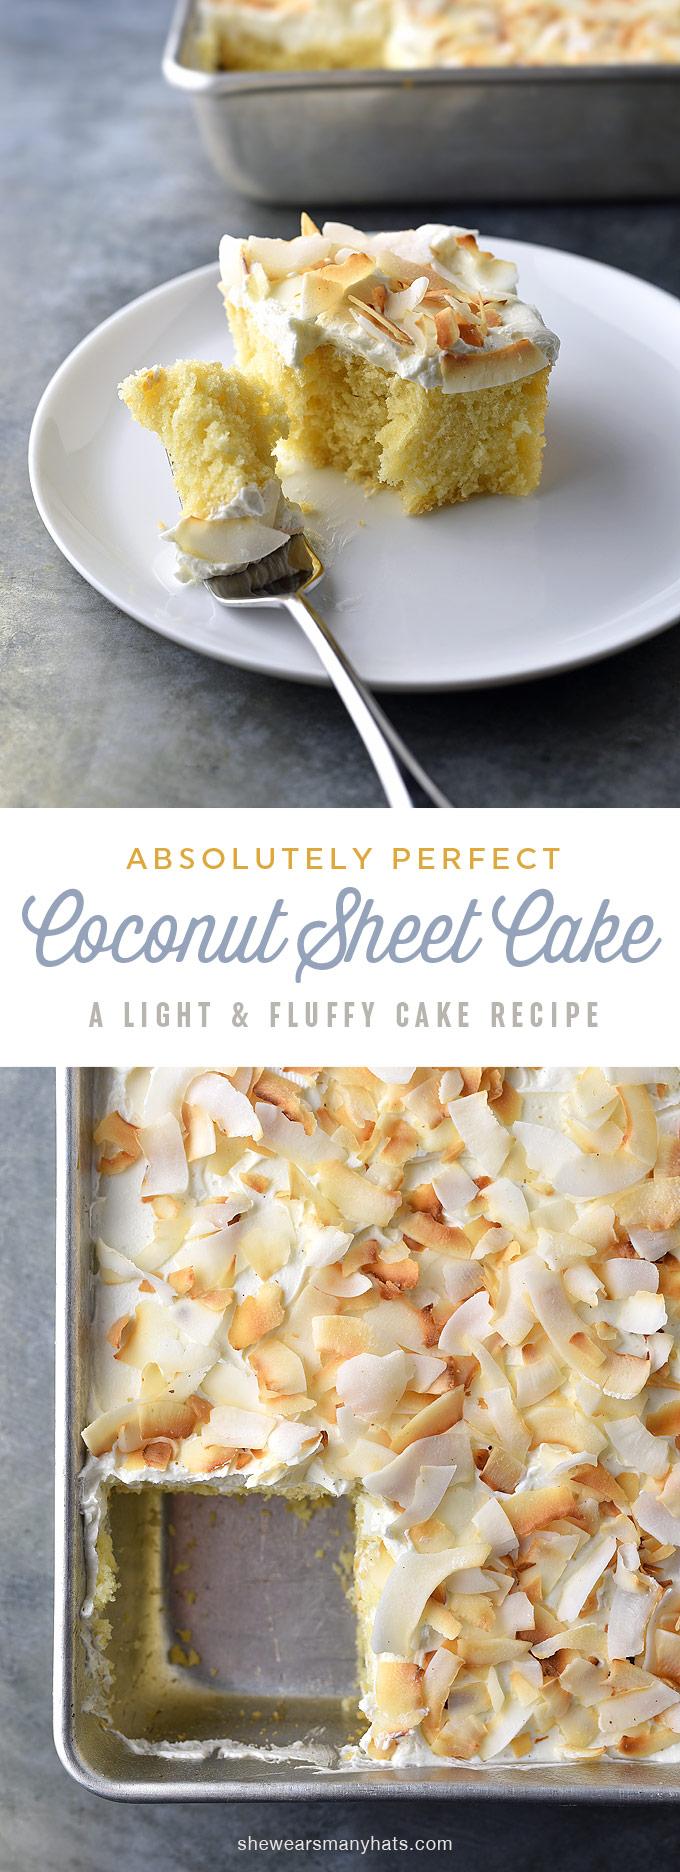 Perfect Coconut Sheet Cake Recipe | shewearsmanyhats.com